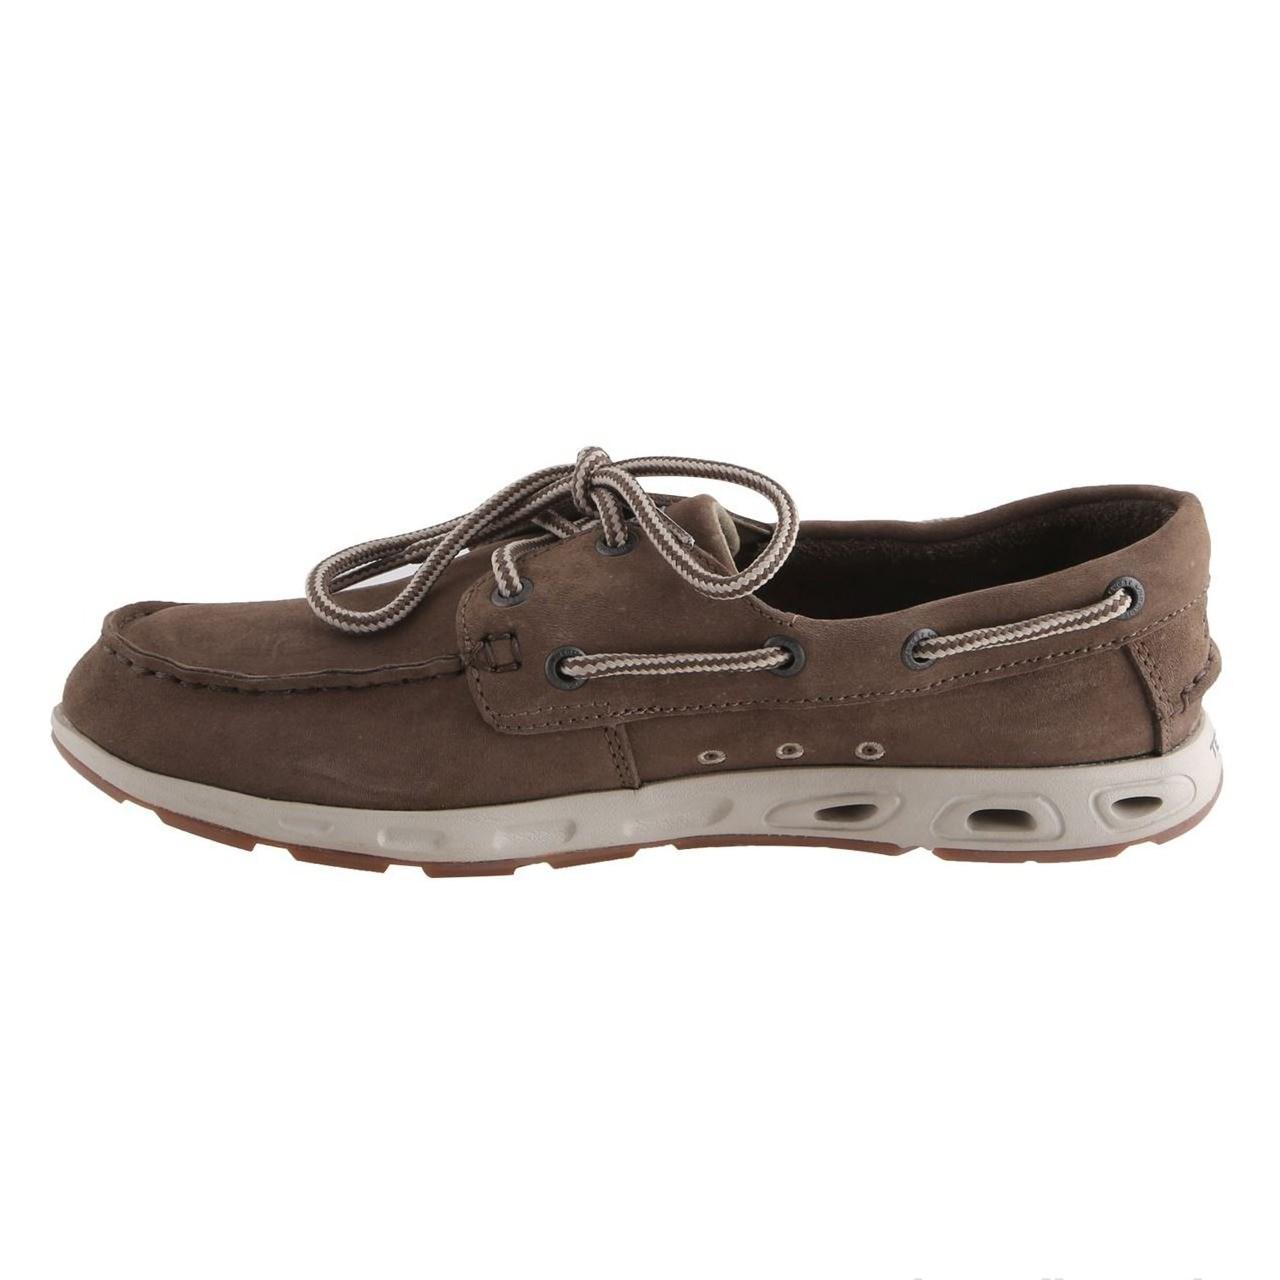 قیمت کفش مخصوص دویدن مردانه کلمبیا مدل BM 4438-255